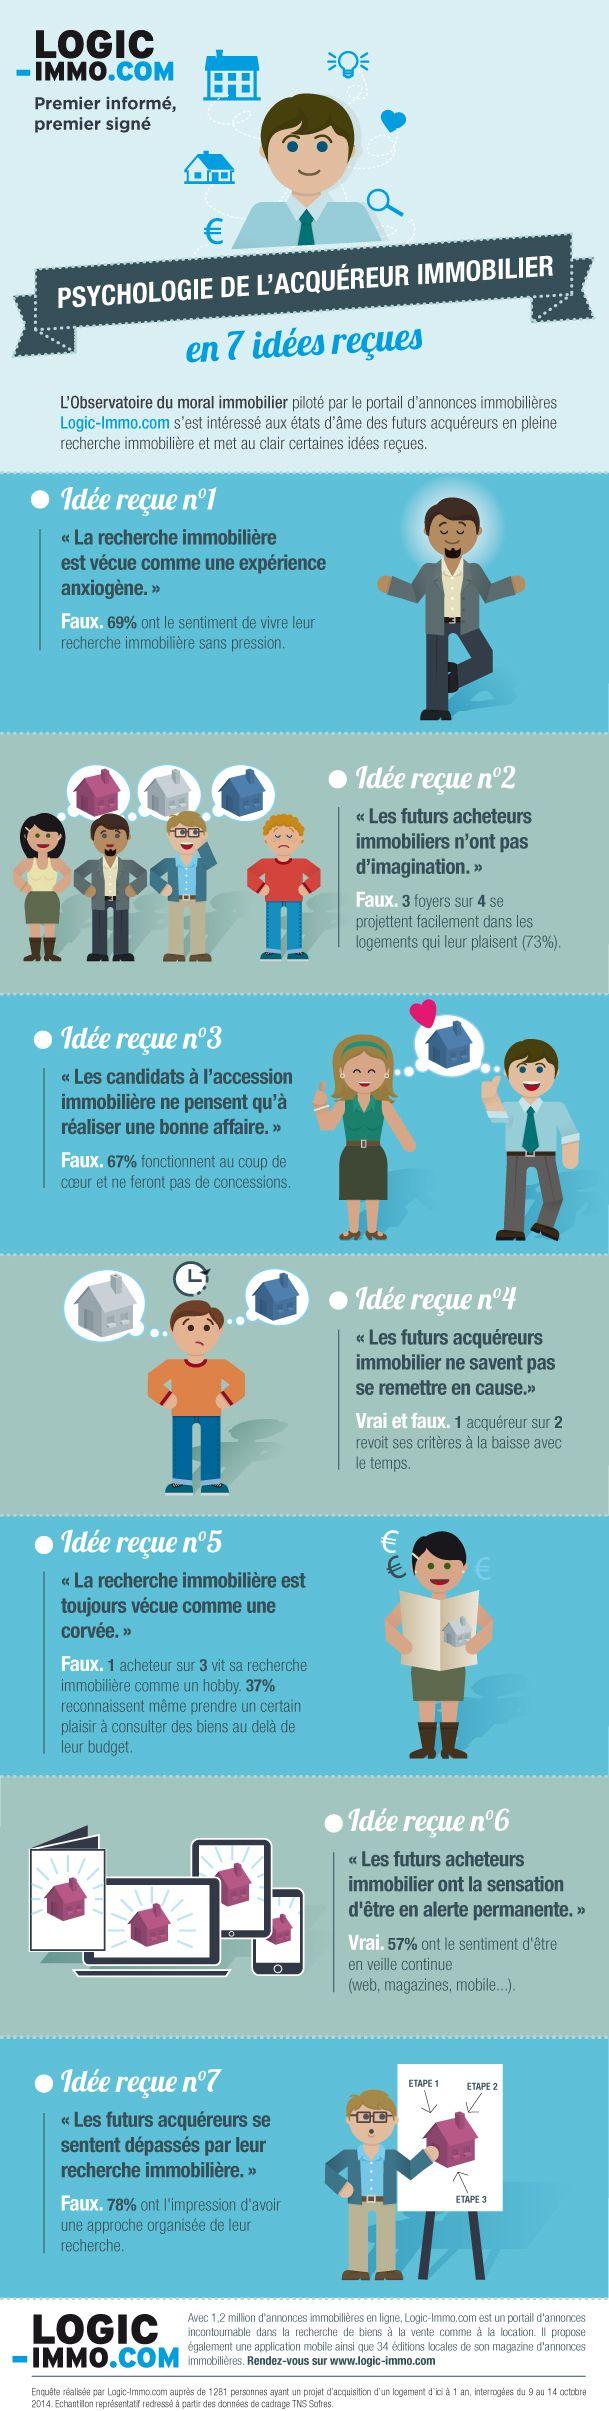 Guide assurance prêt immobilier : toujours être informé